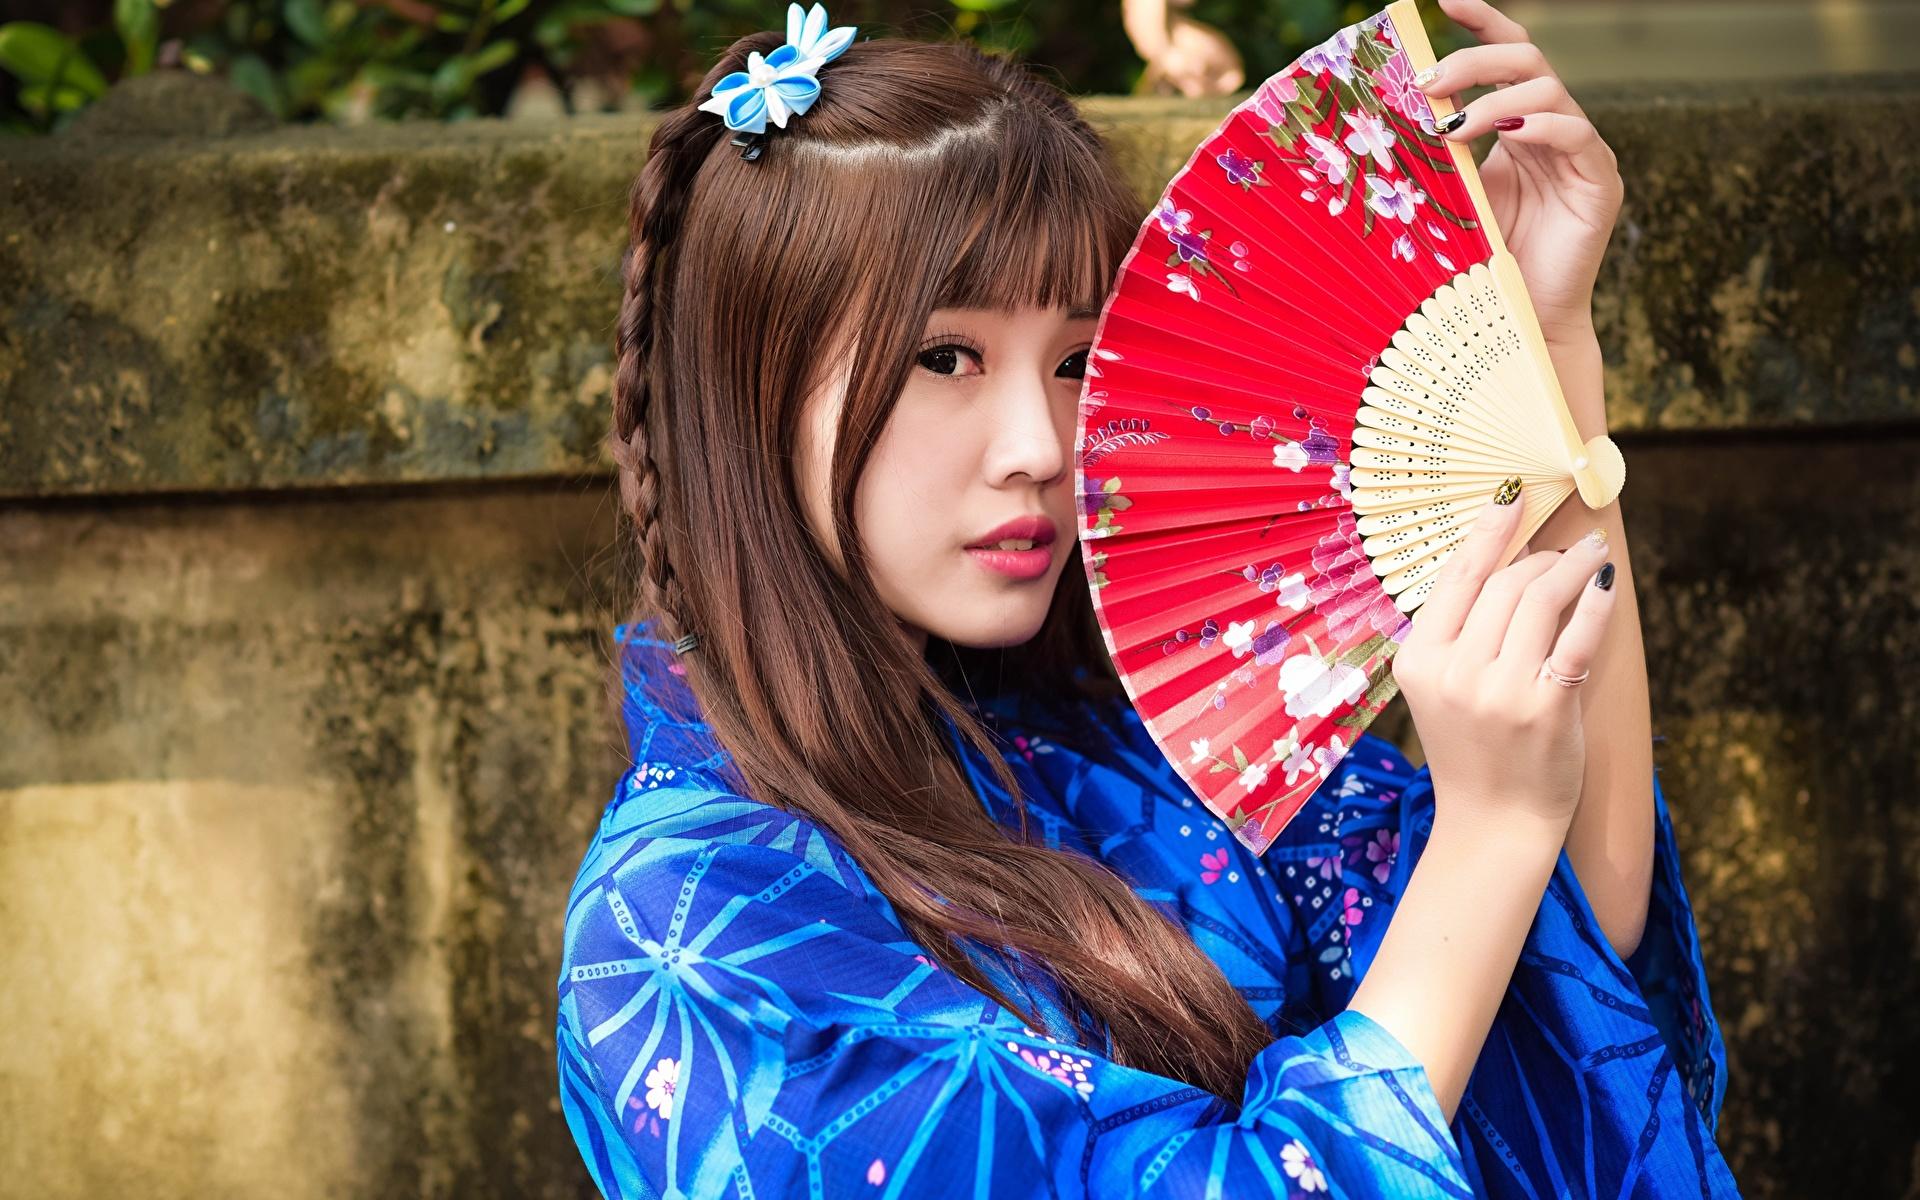 Фотография шатенки Веер Девушки Азиаты Руки смотрит 1920x1200 Шатенка девушка молодая женщина молодые женщины азиатки азиатка рука Взгляд смотрят